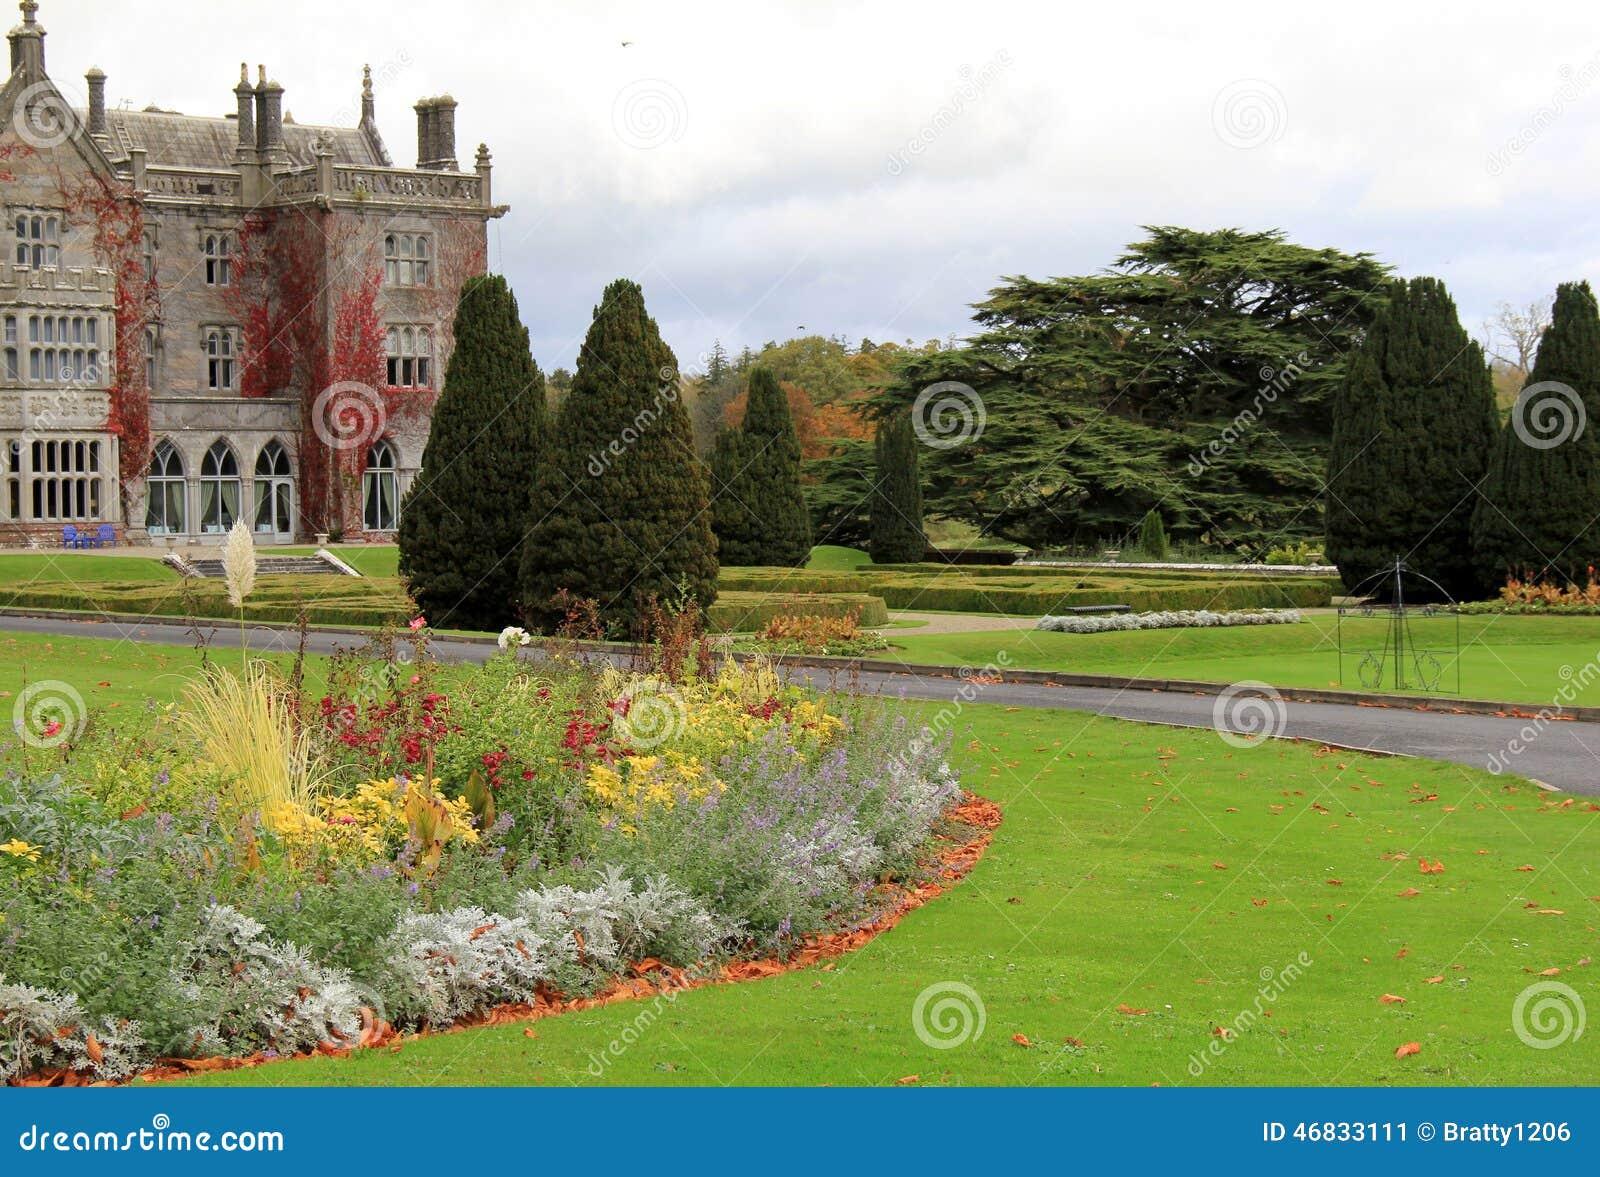 Διάσημοι φέουδο και κήποι Adare που περιβάλλουν την ιδιοκτησία, Adare, Ιρλανδία, 2014